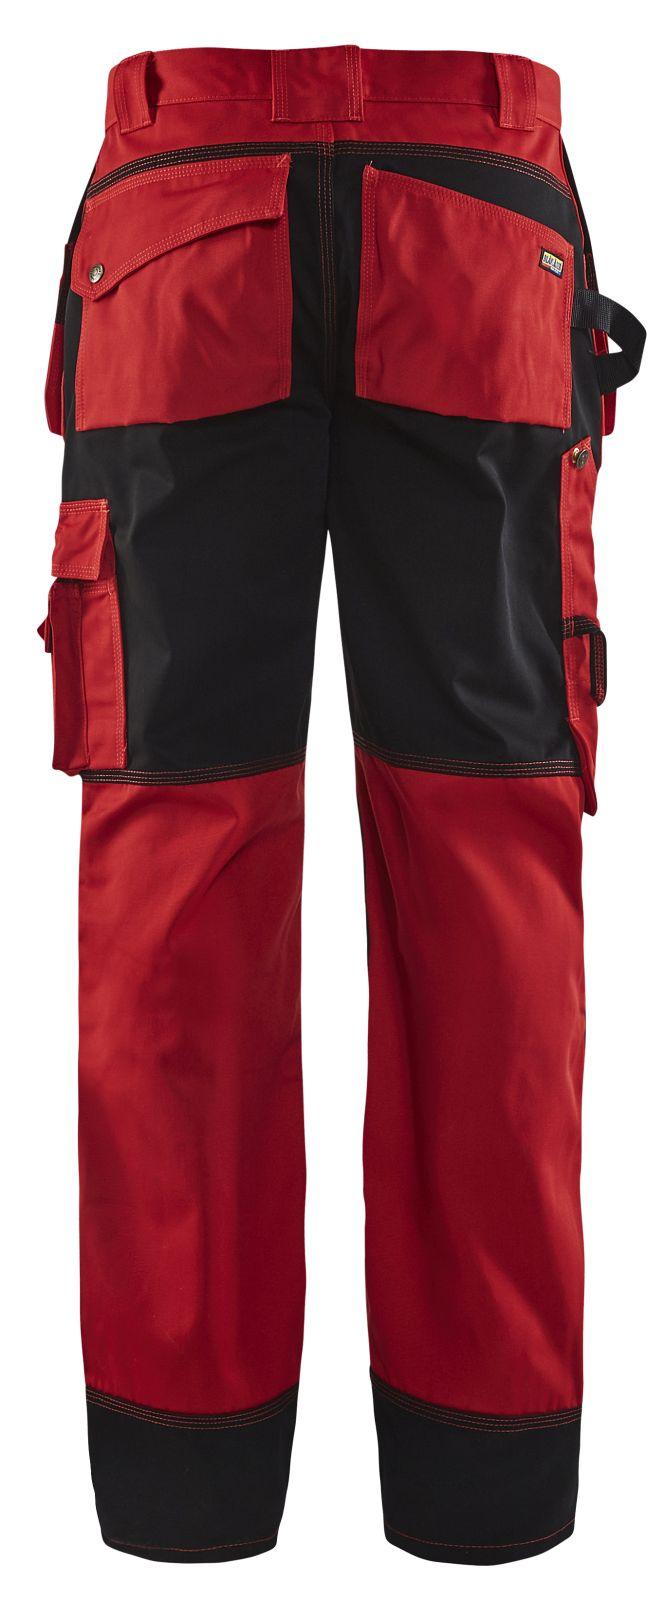 Blaklader Werkbroeken 15031860 rood-zwart(5699)